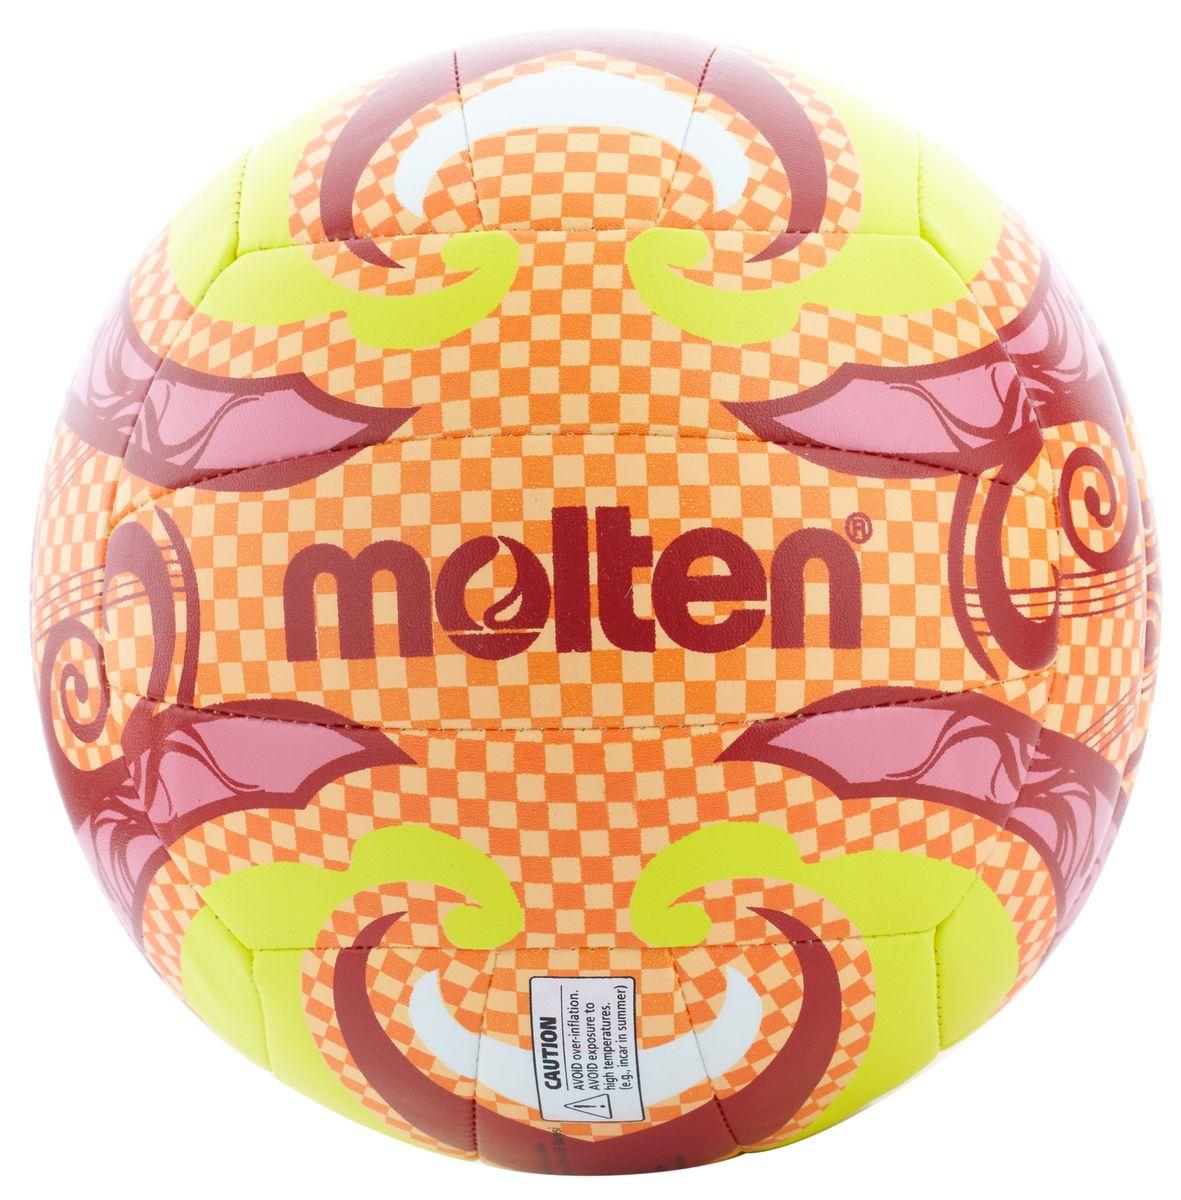 Мяч для пляжного волейбола Molten BV1500. Размер 5. V5B1502-OV5B1502-OМяч для пляжного волейбола Molten BV1500 изготовлен из тонкой синтетической кожи, обеспечивающей мягкий контакт с рукой. Камера выполнена из резины. 18 панелей мяча соединены машинной сшивкой.